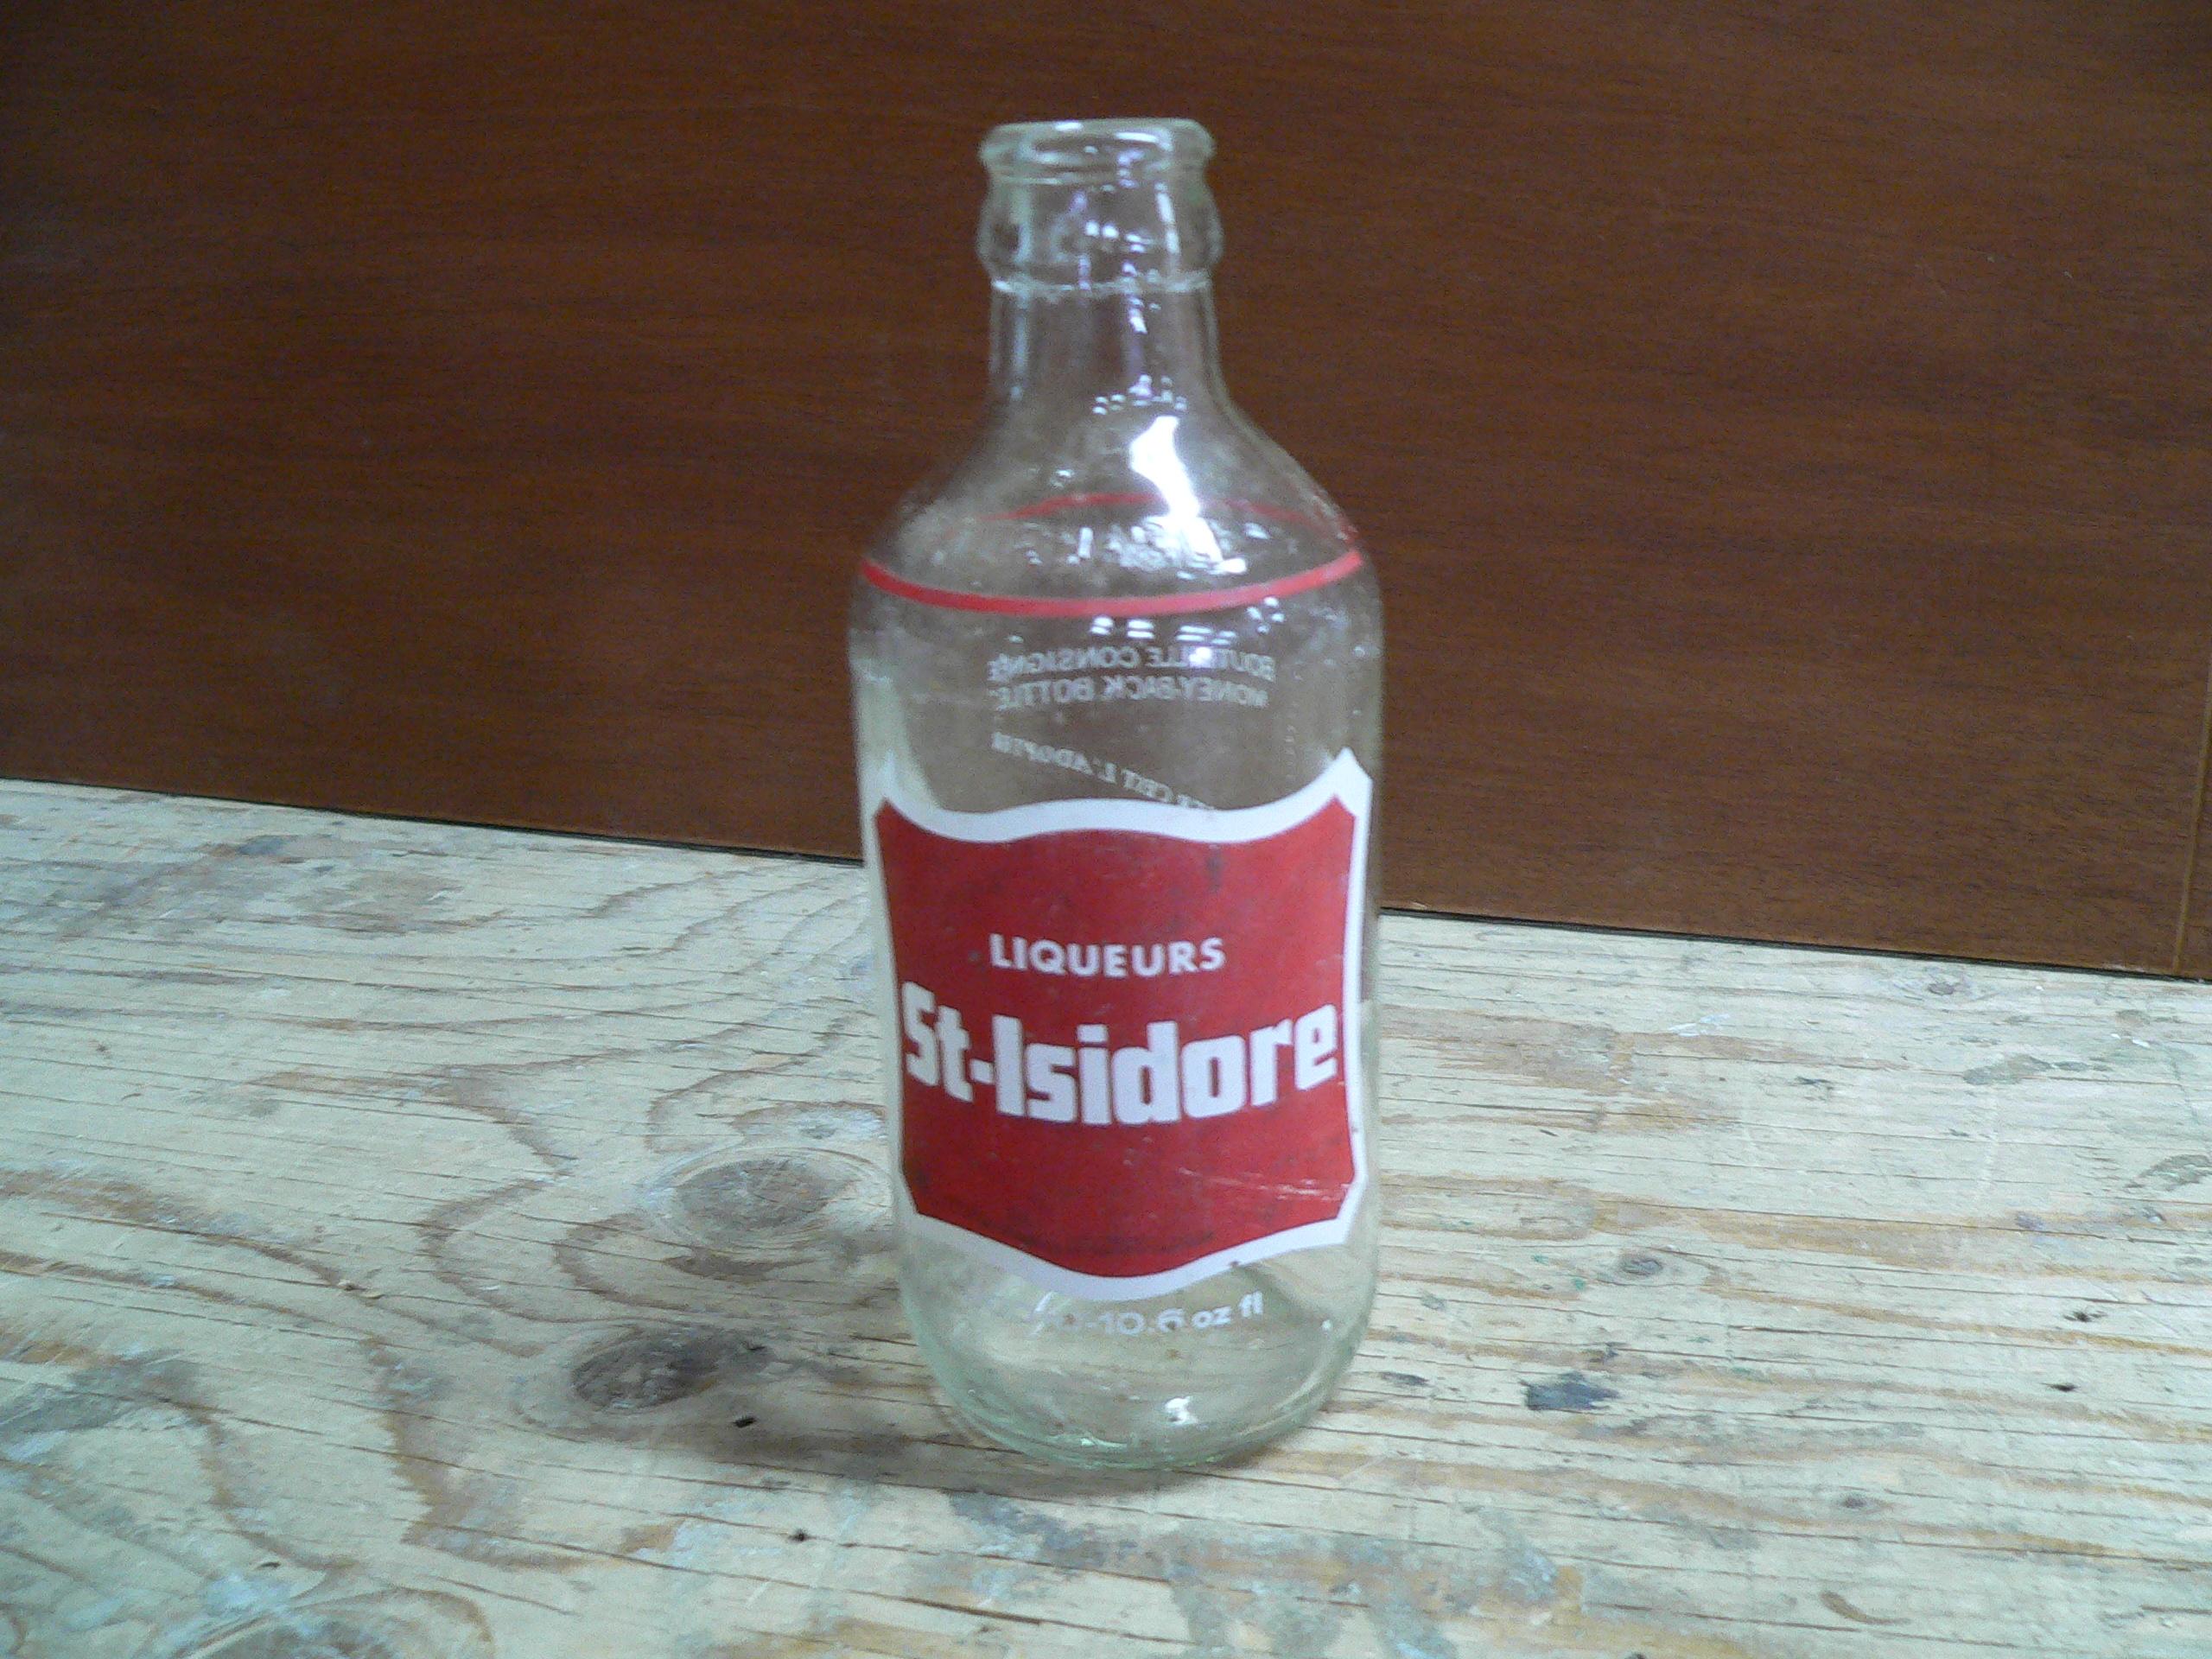 Bouteille antique liqueur st-isidore # 4521.2